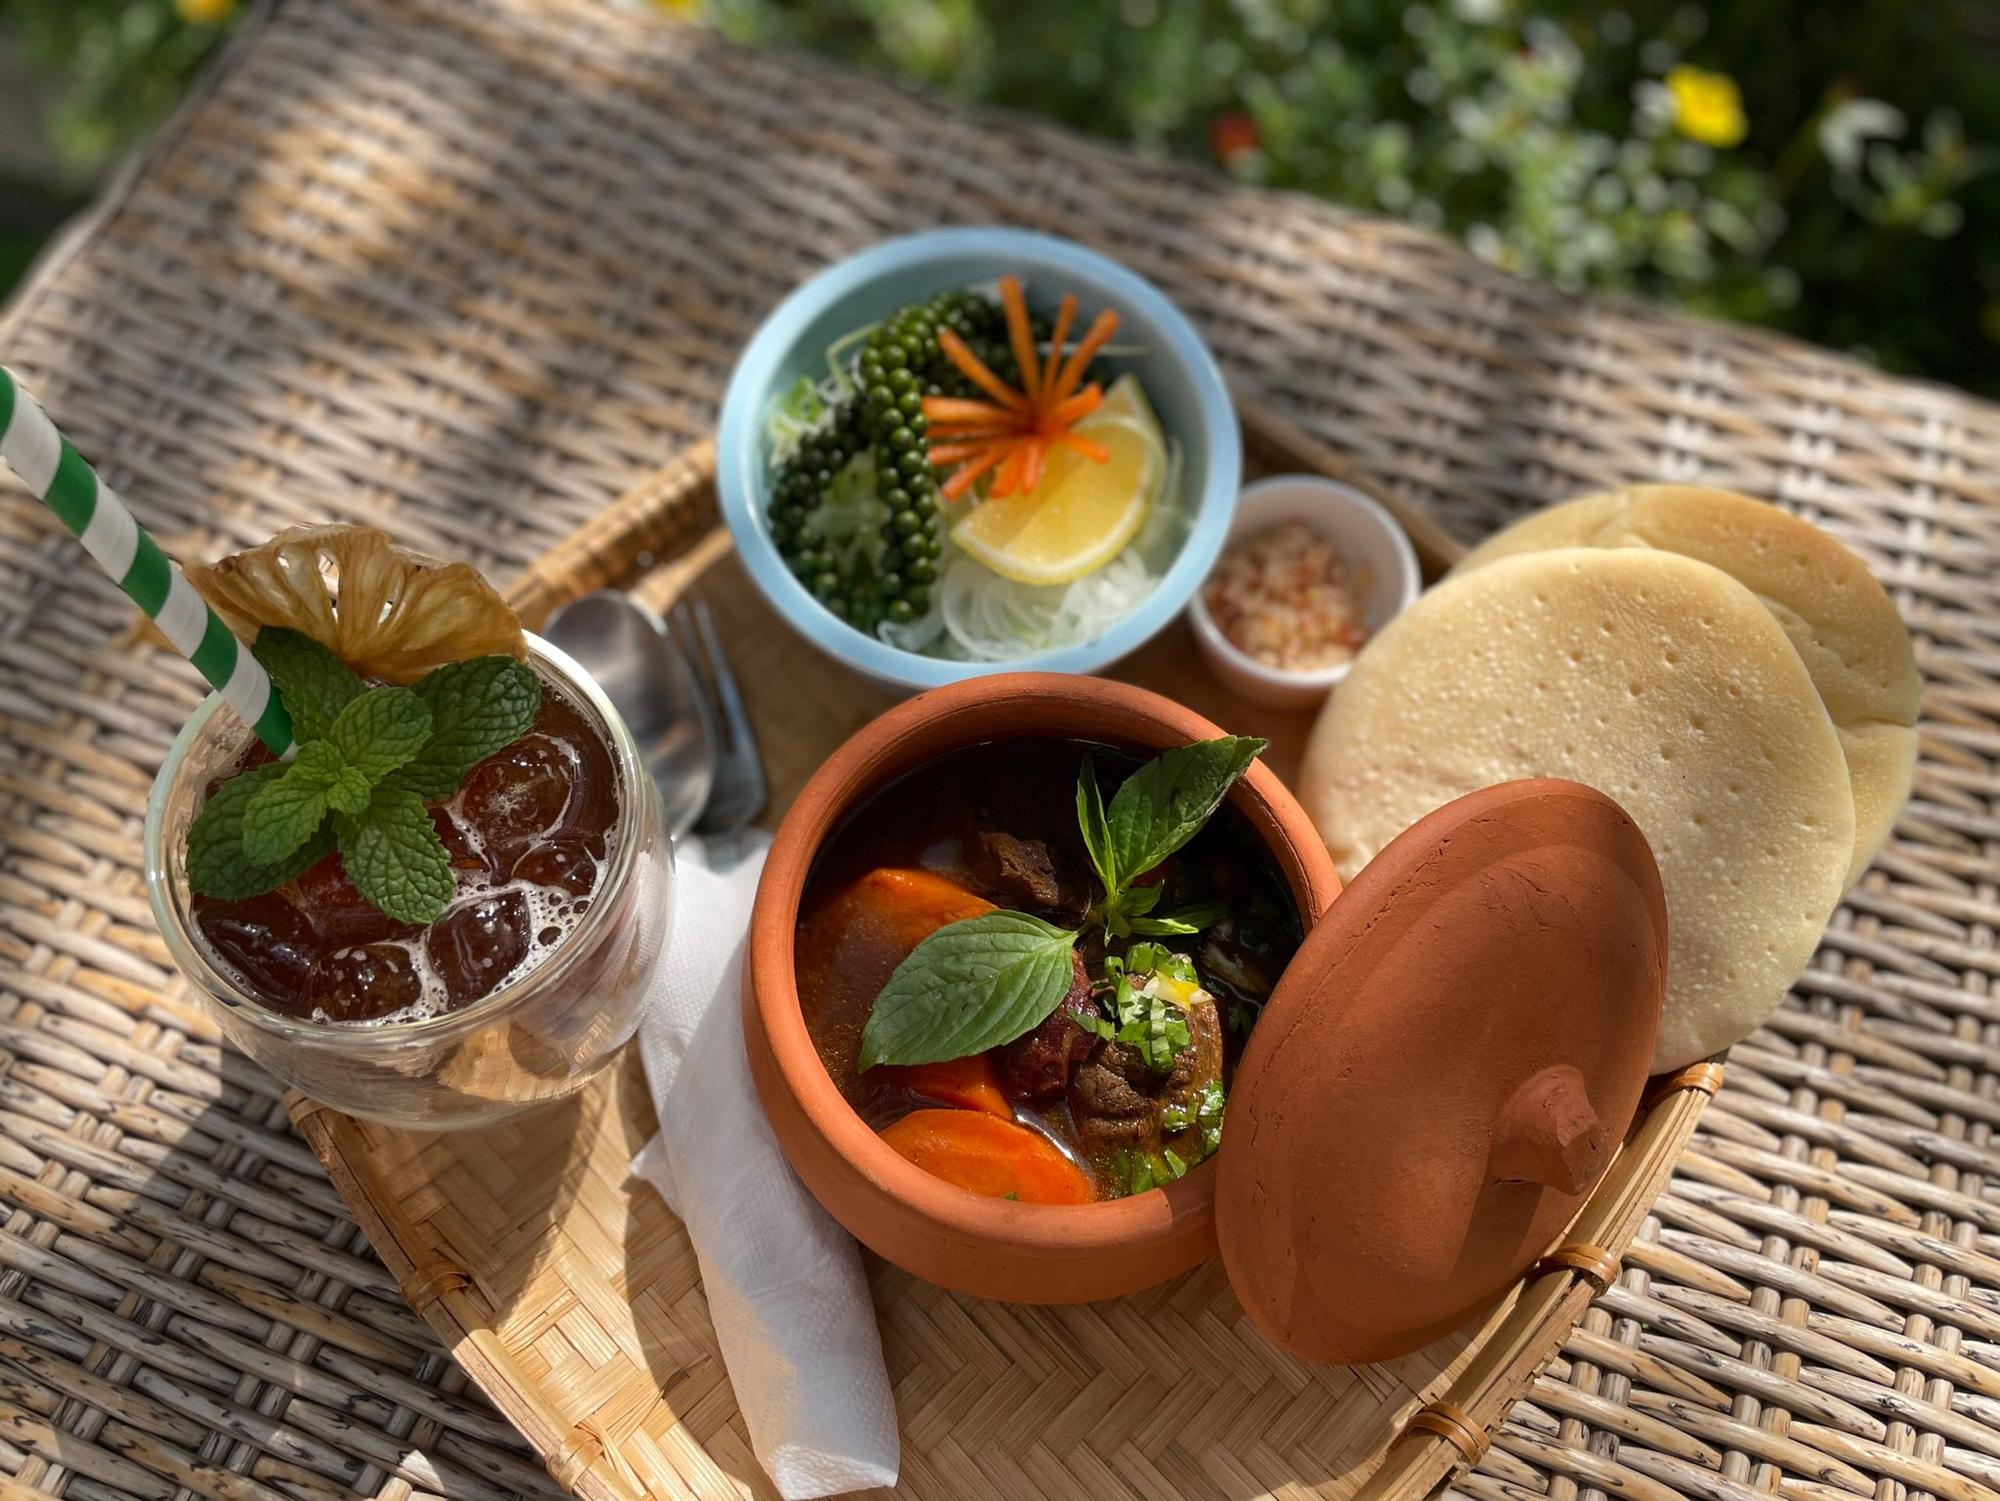 Kool Beans Café: Nông trại bình yên hương vị Úc giữa lòng Thảo Điền - Ảnh 5.